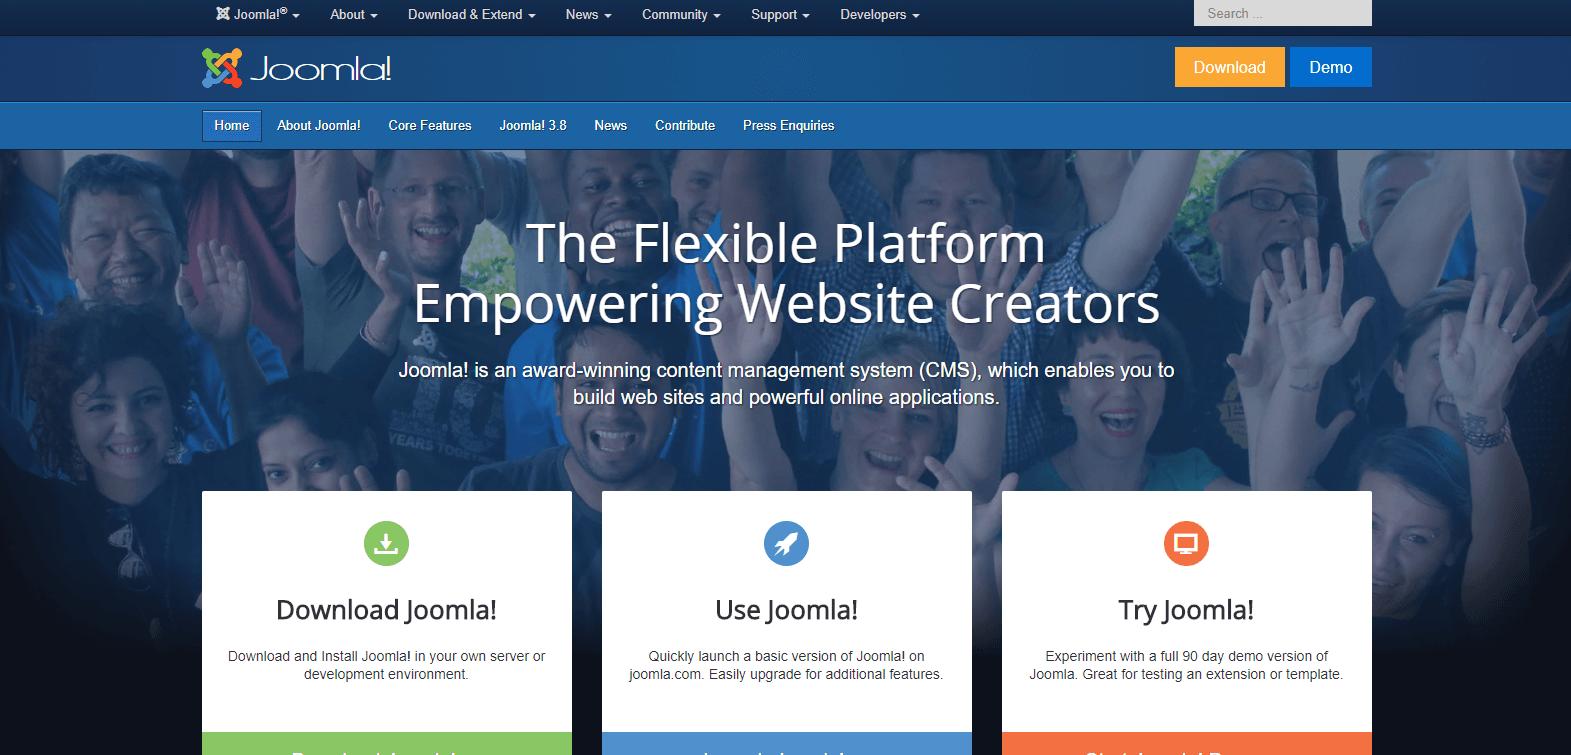 Thiết kế web bằng Joomla là gì?